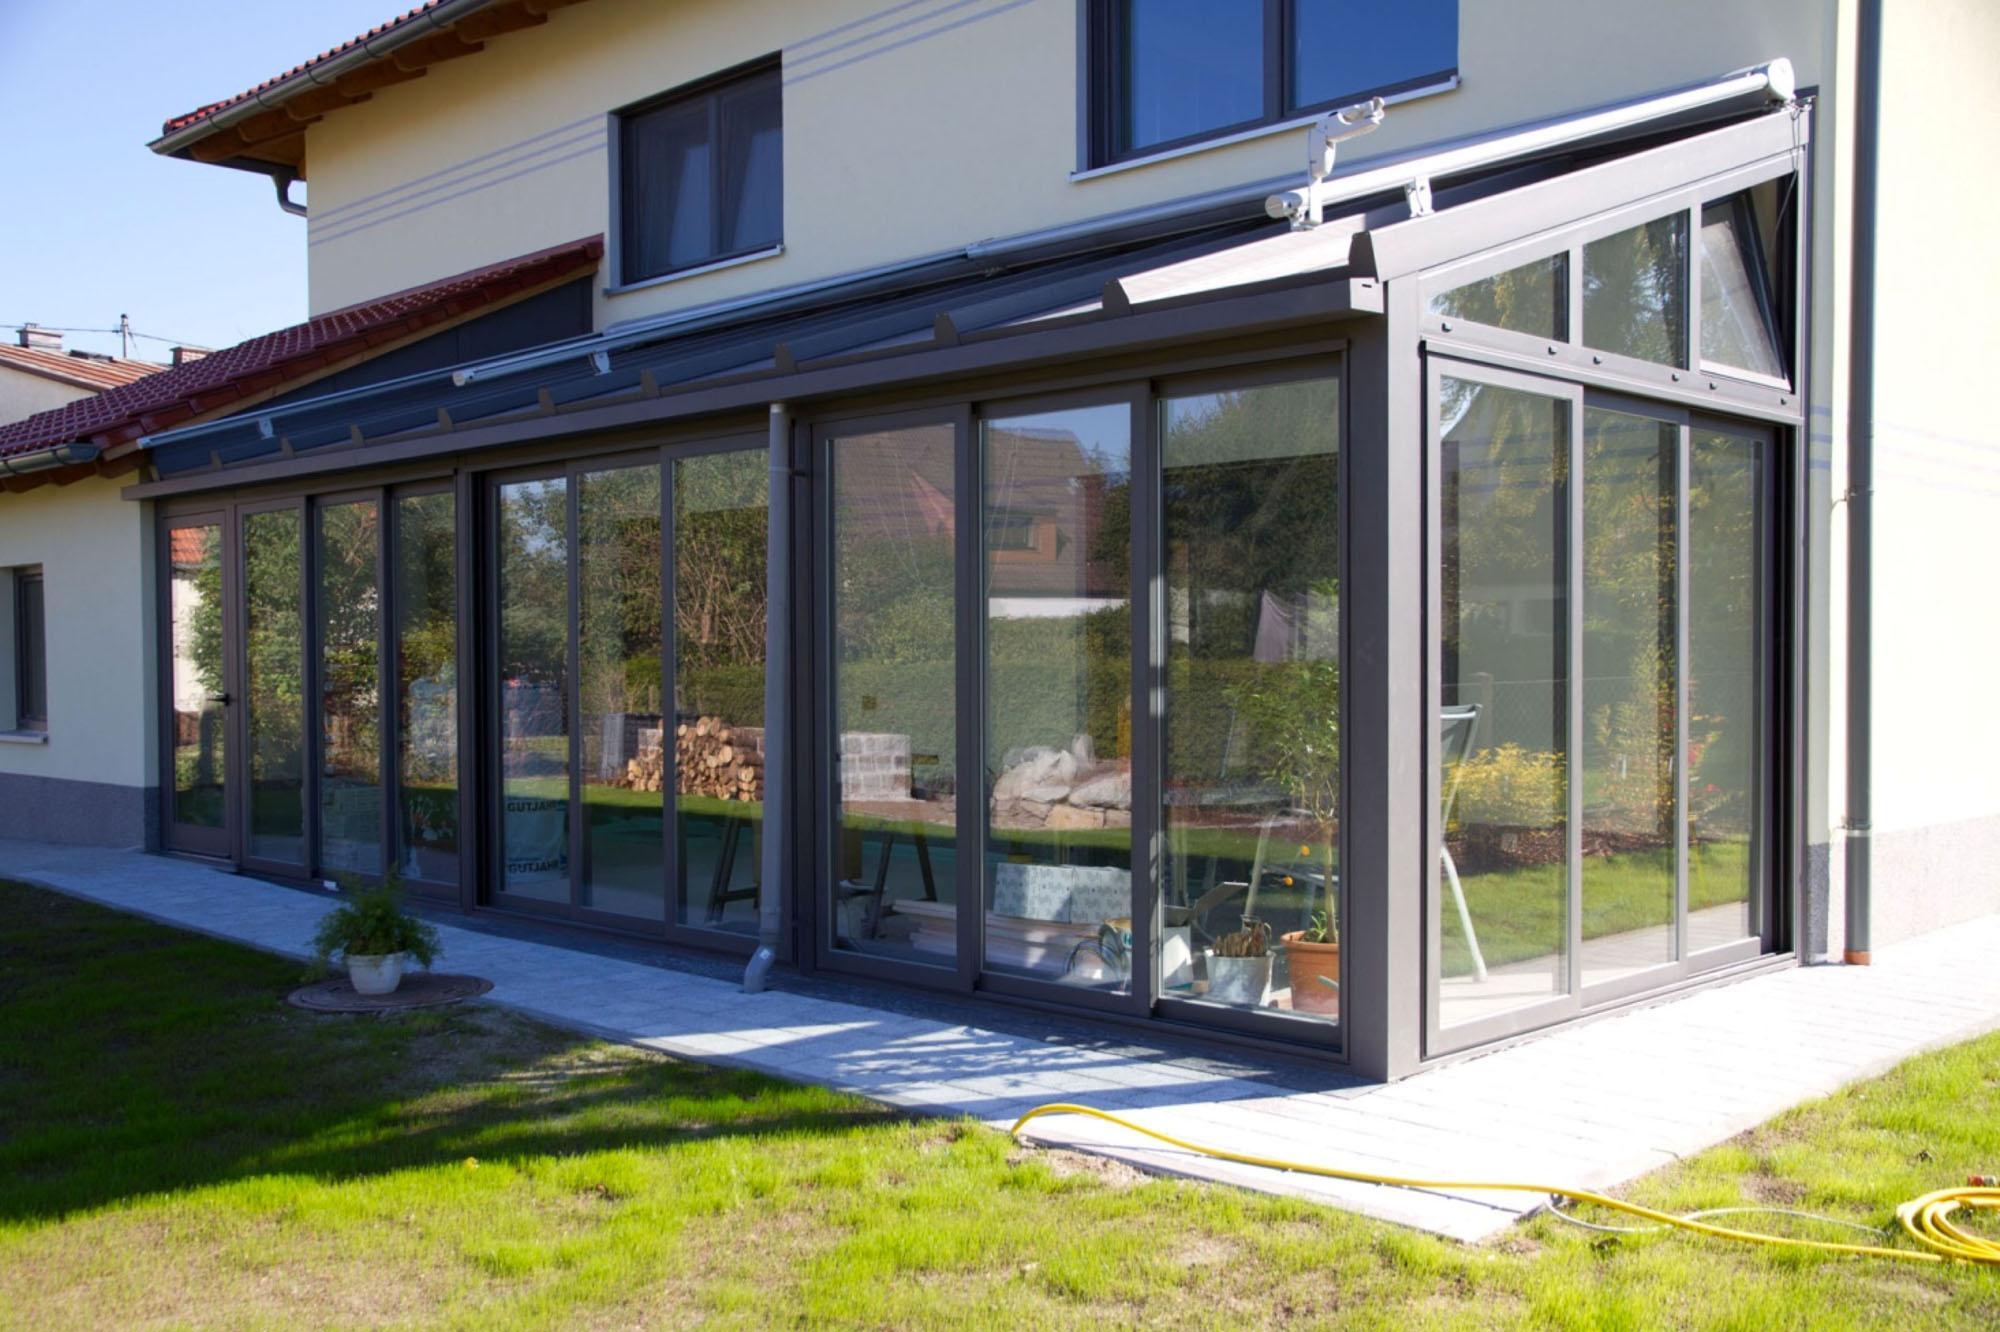 Wintergarten - Classic thermisch getrennter beheizbarer Wintergarten von Sunhouse